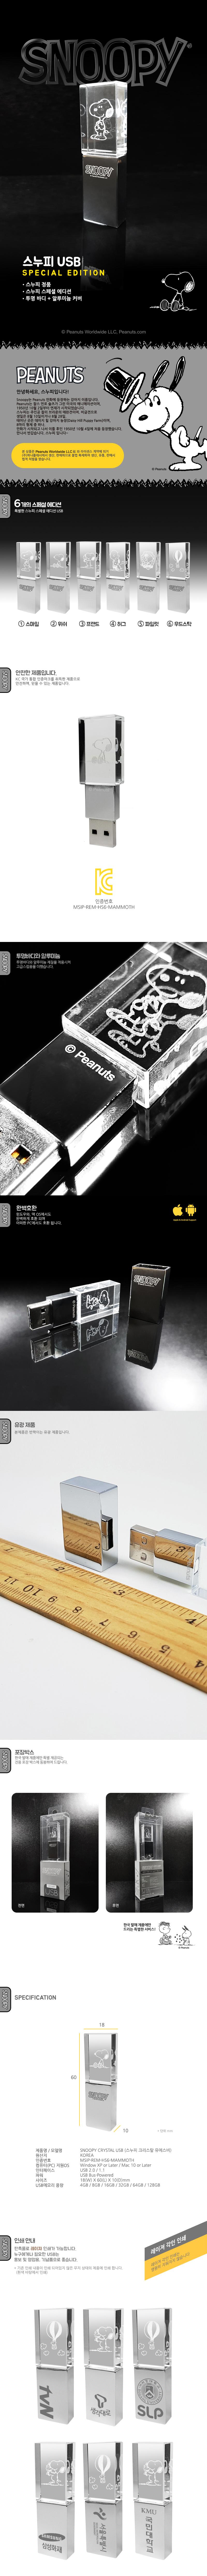 스누피 USB 16G Crystal - 매머드, 15,000원, 캐릭터형 USB 메모리, USB 16G